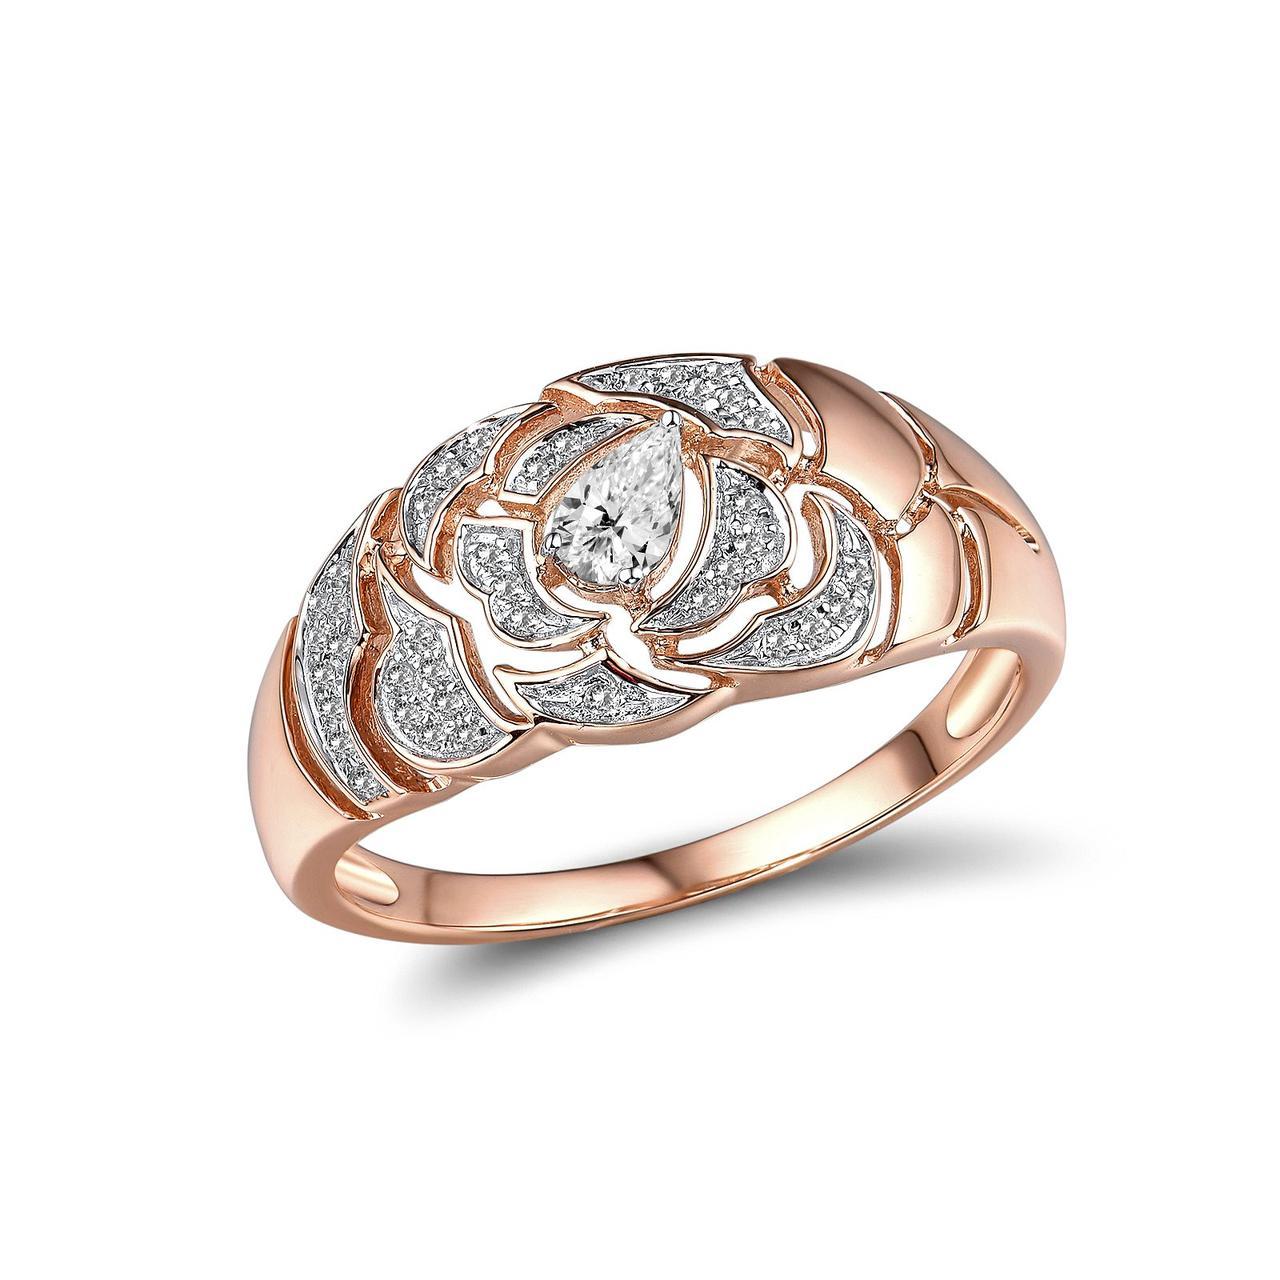 Золотое кольцо с бриллиантами и сапфиром, размер 18.5 (1719400)